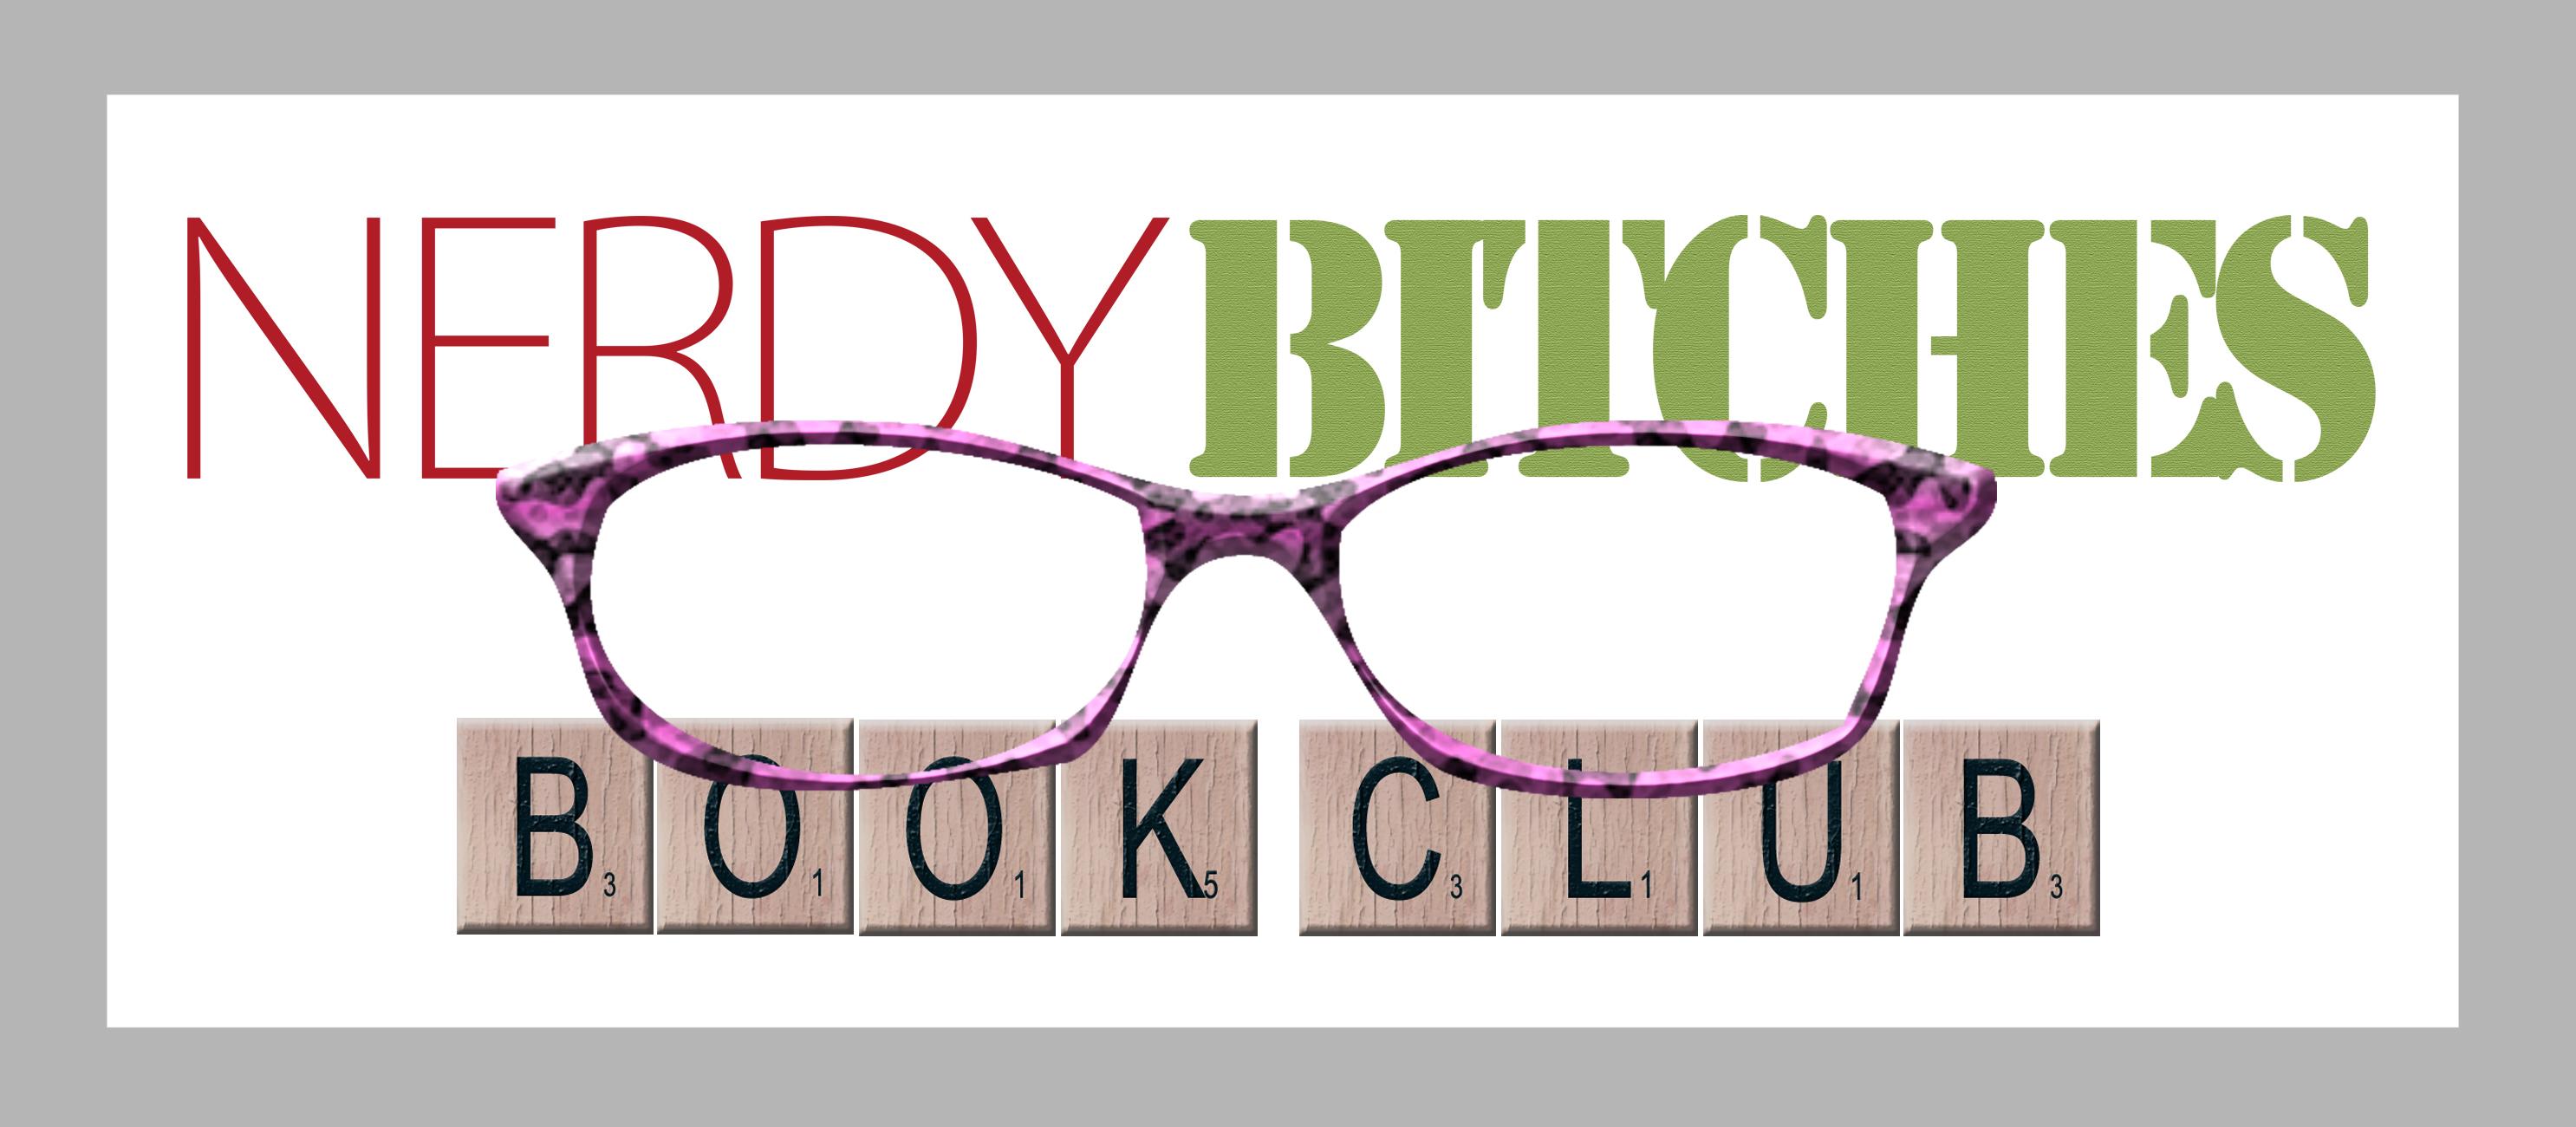 Nerdy Bitches Book Club